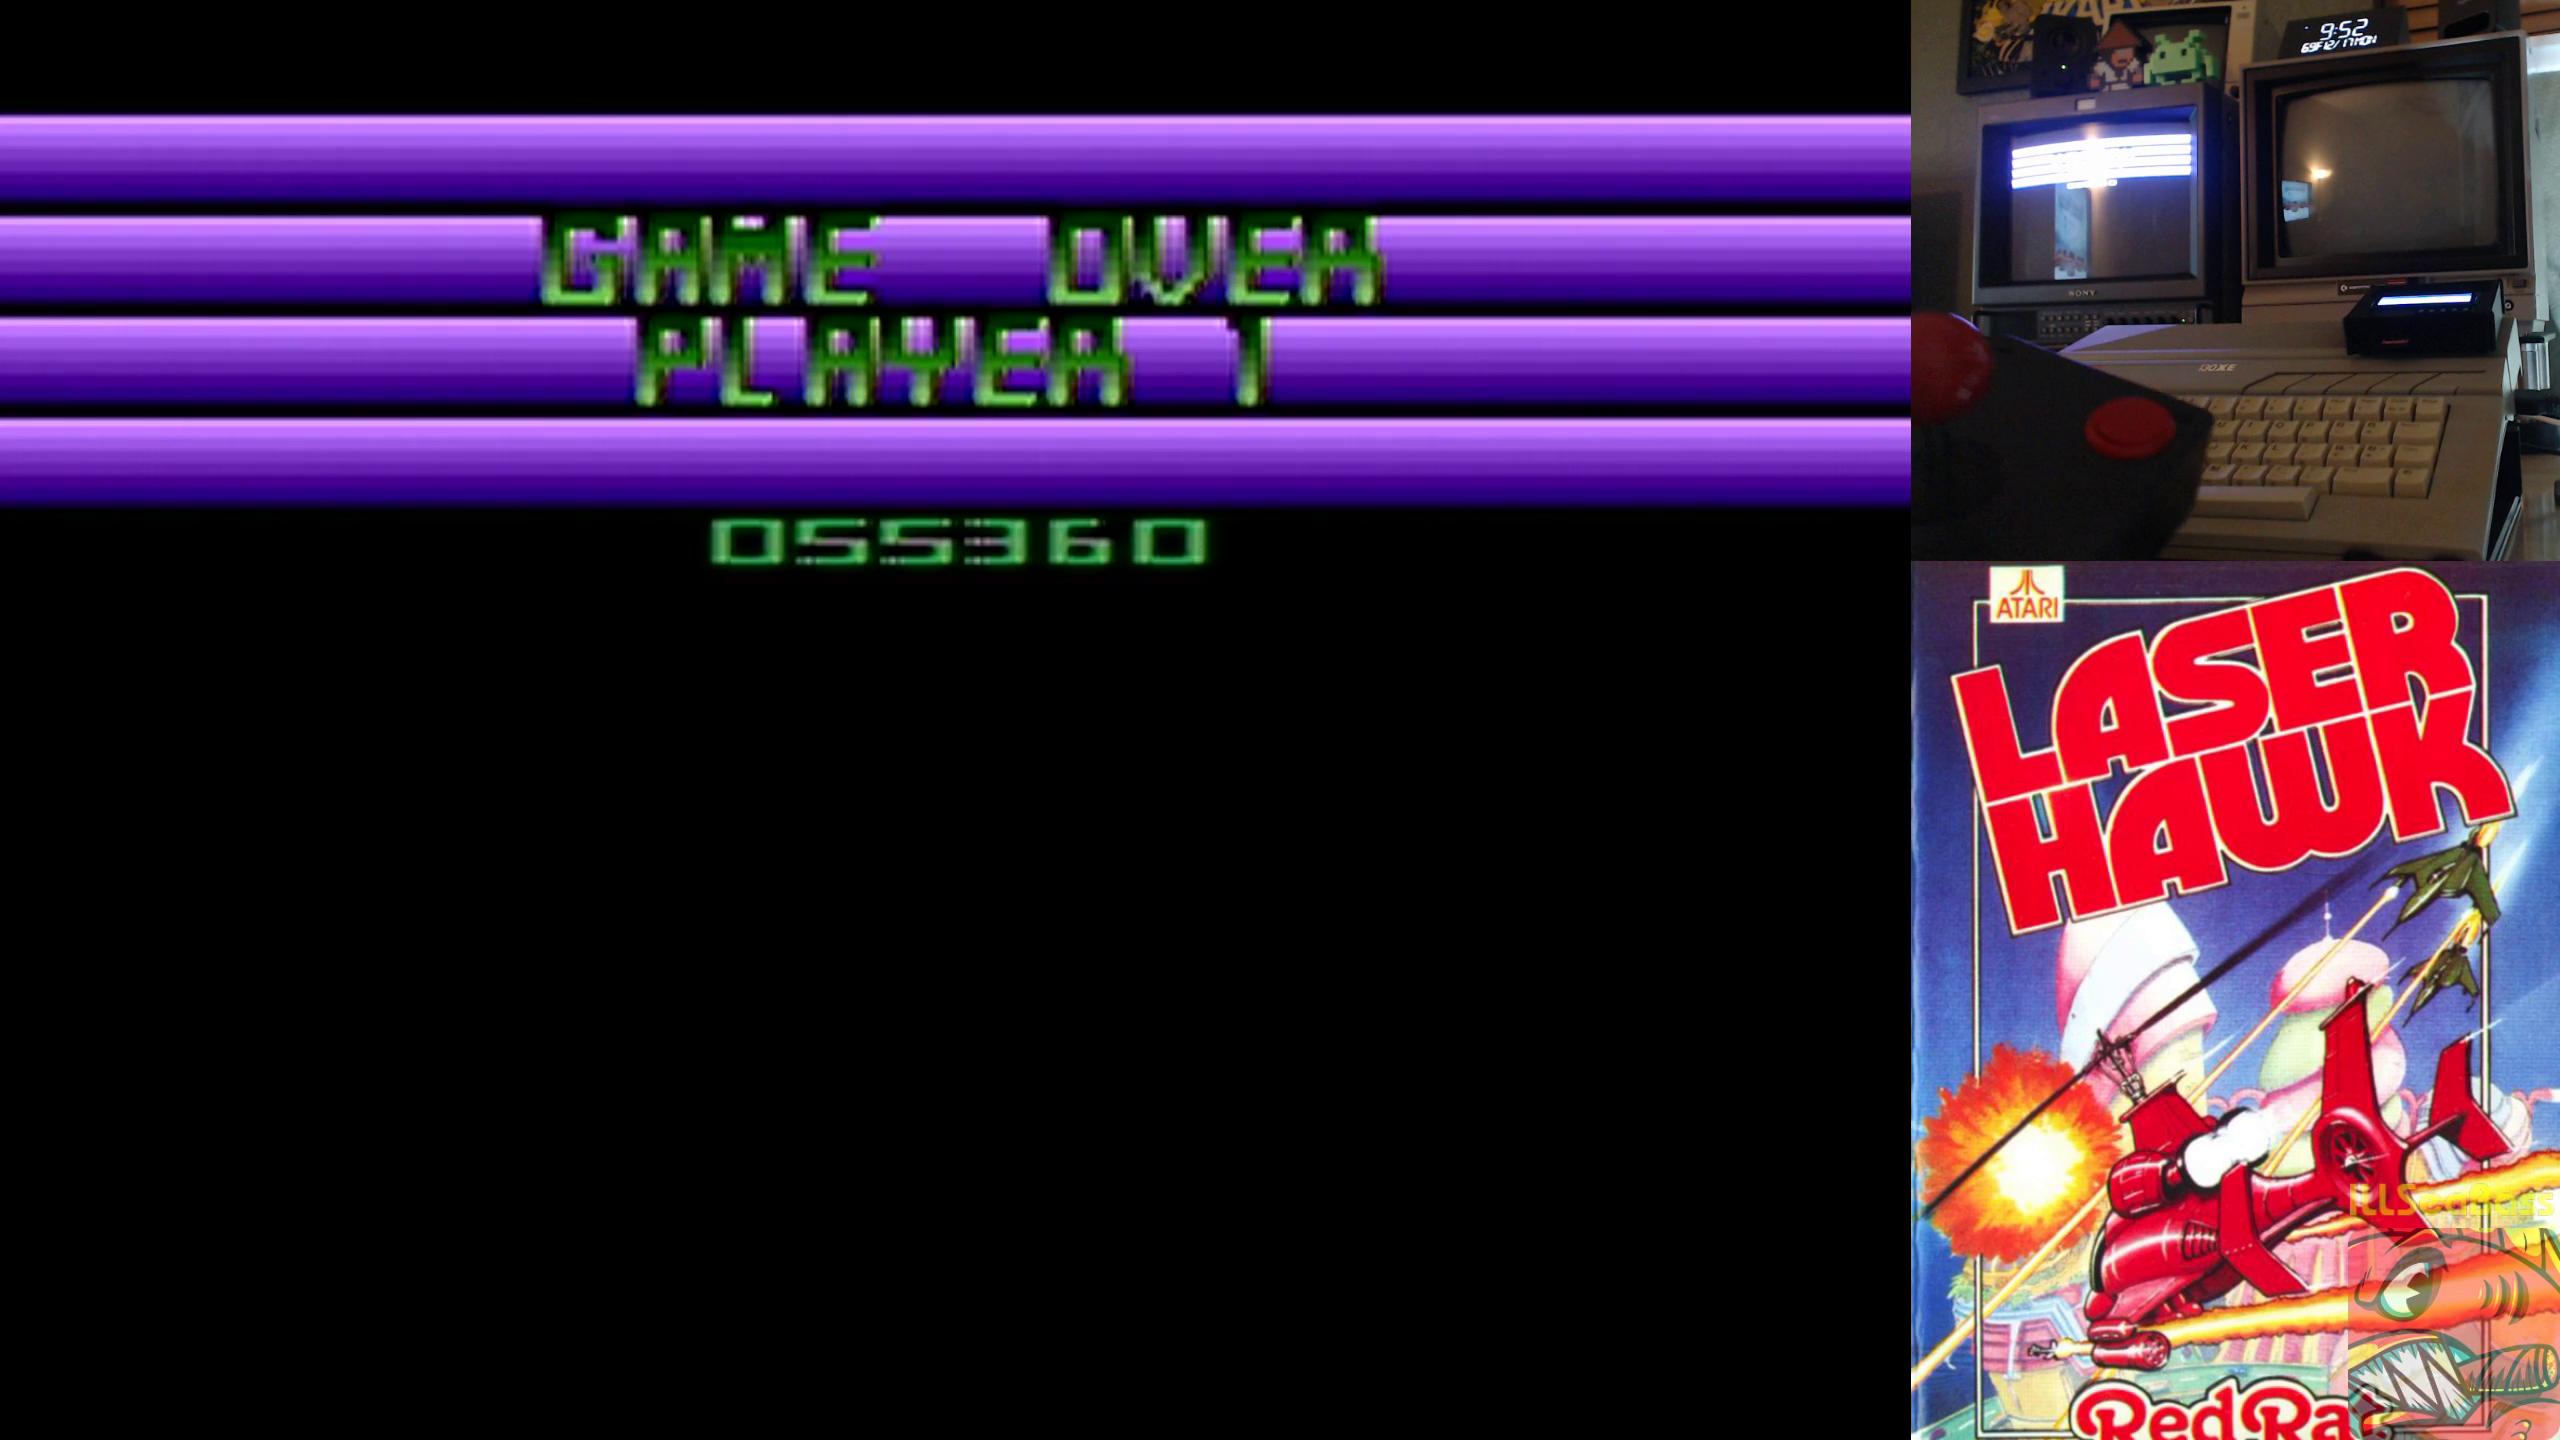 ILLSeaBass: Laser Hawk (Atari 400/800/XL/XE) 55,360 points on 2018-12-19 01:40:08